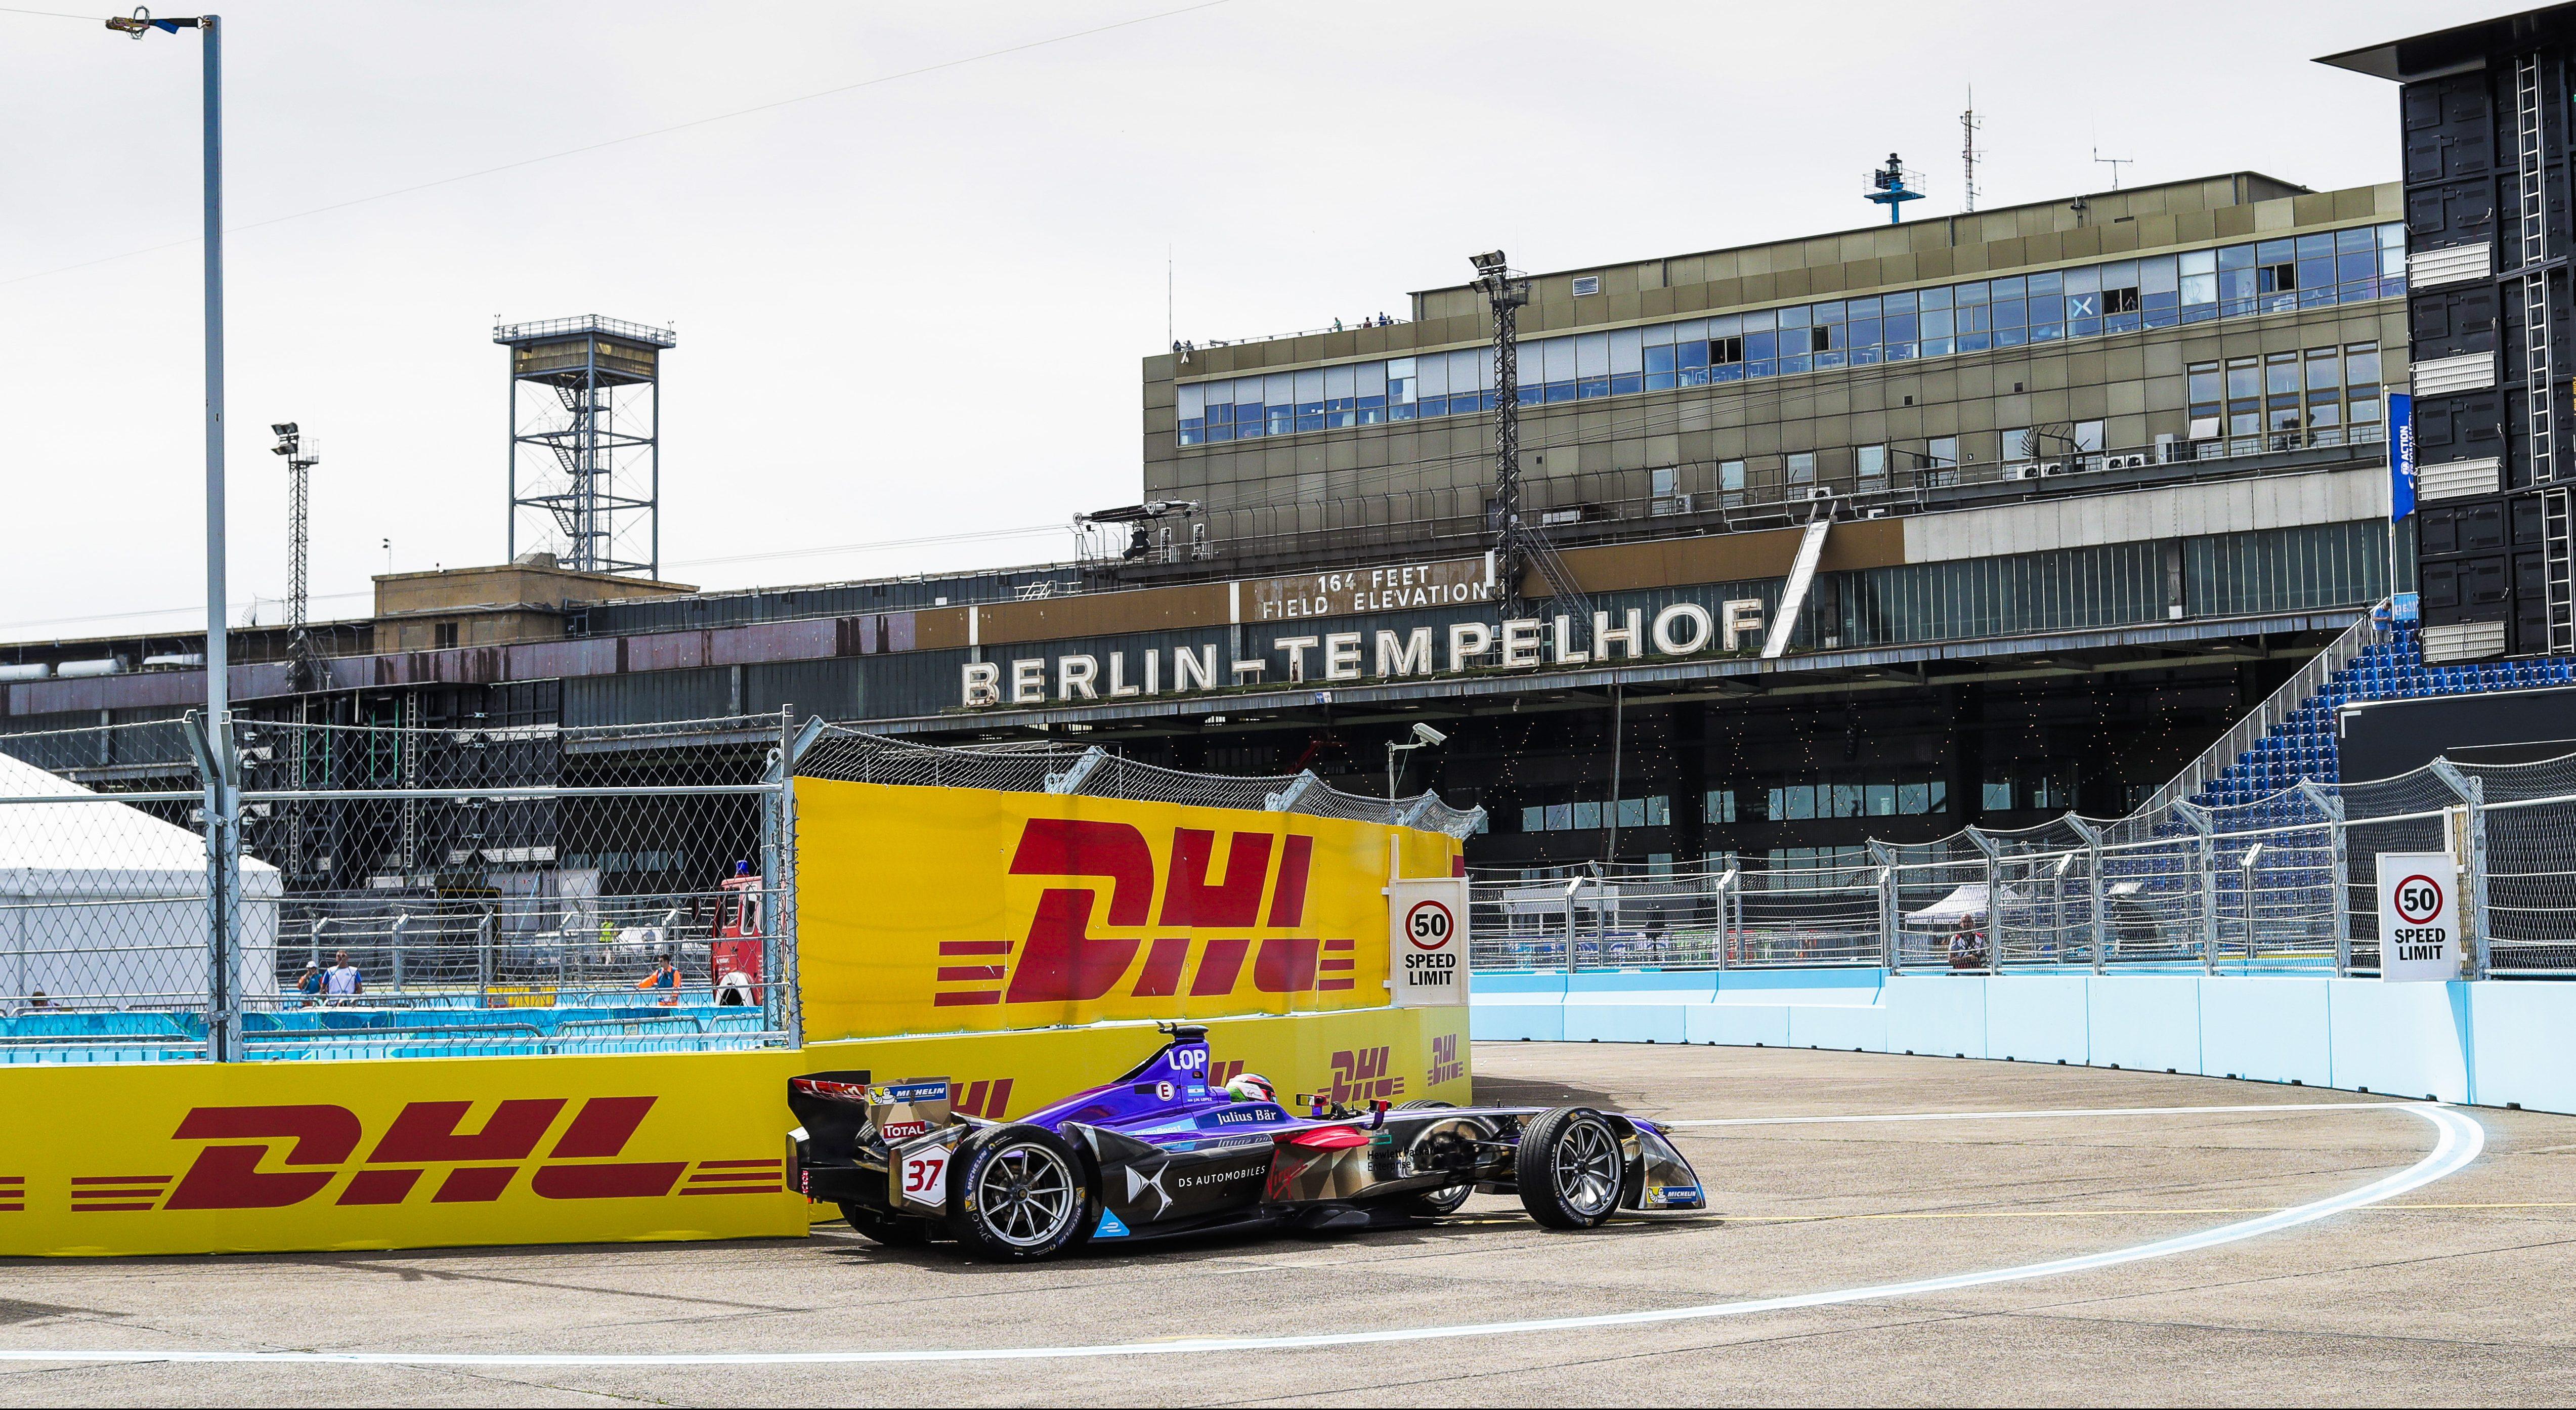 Berlin ePrix Tempelhof Practice DS Virgin Racing